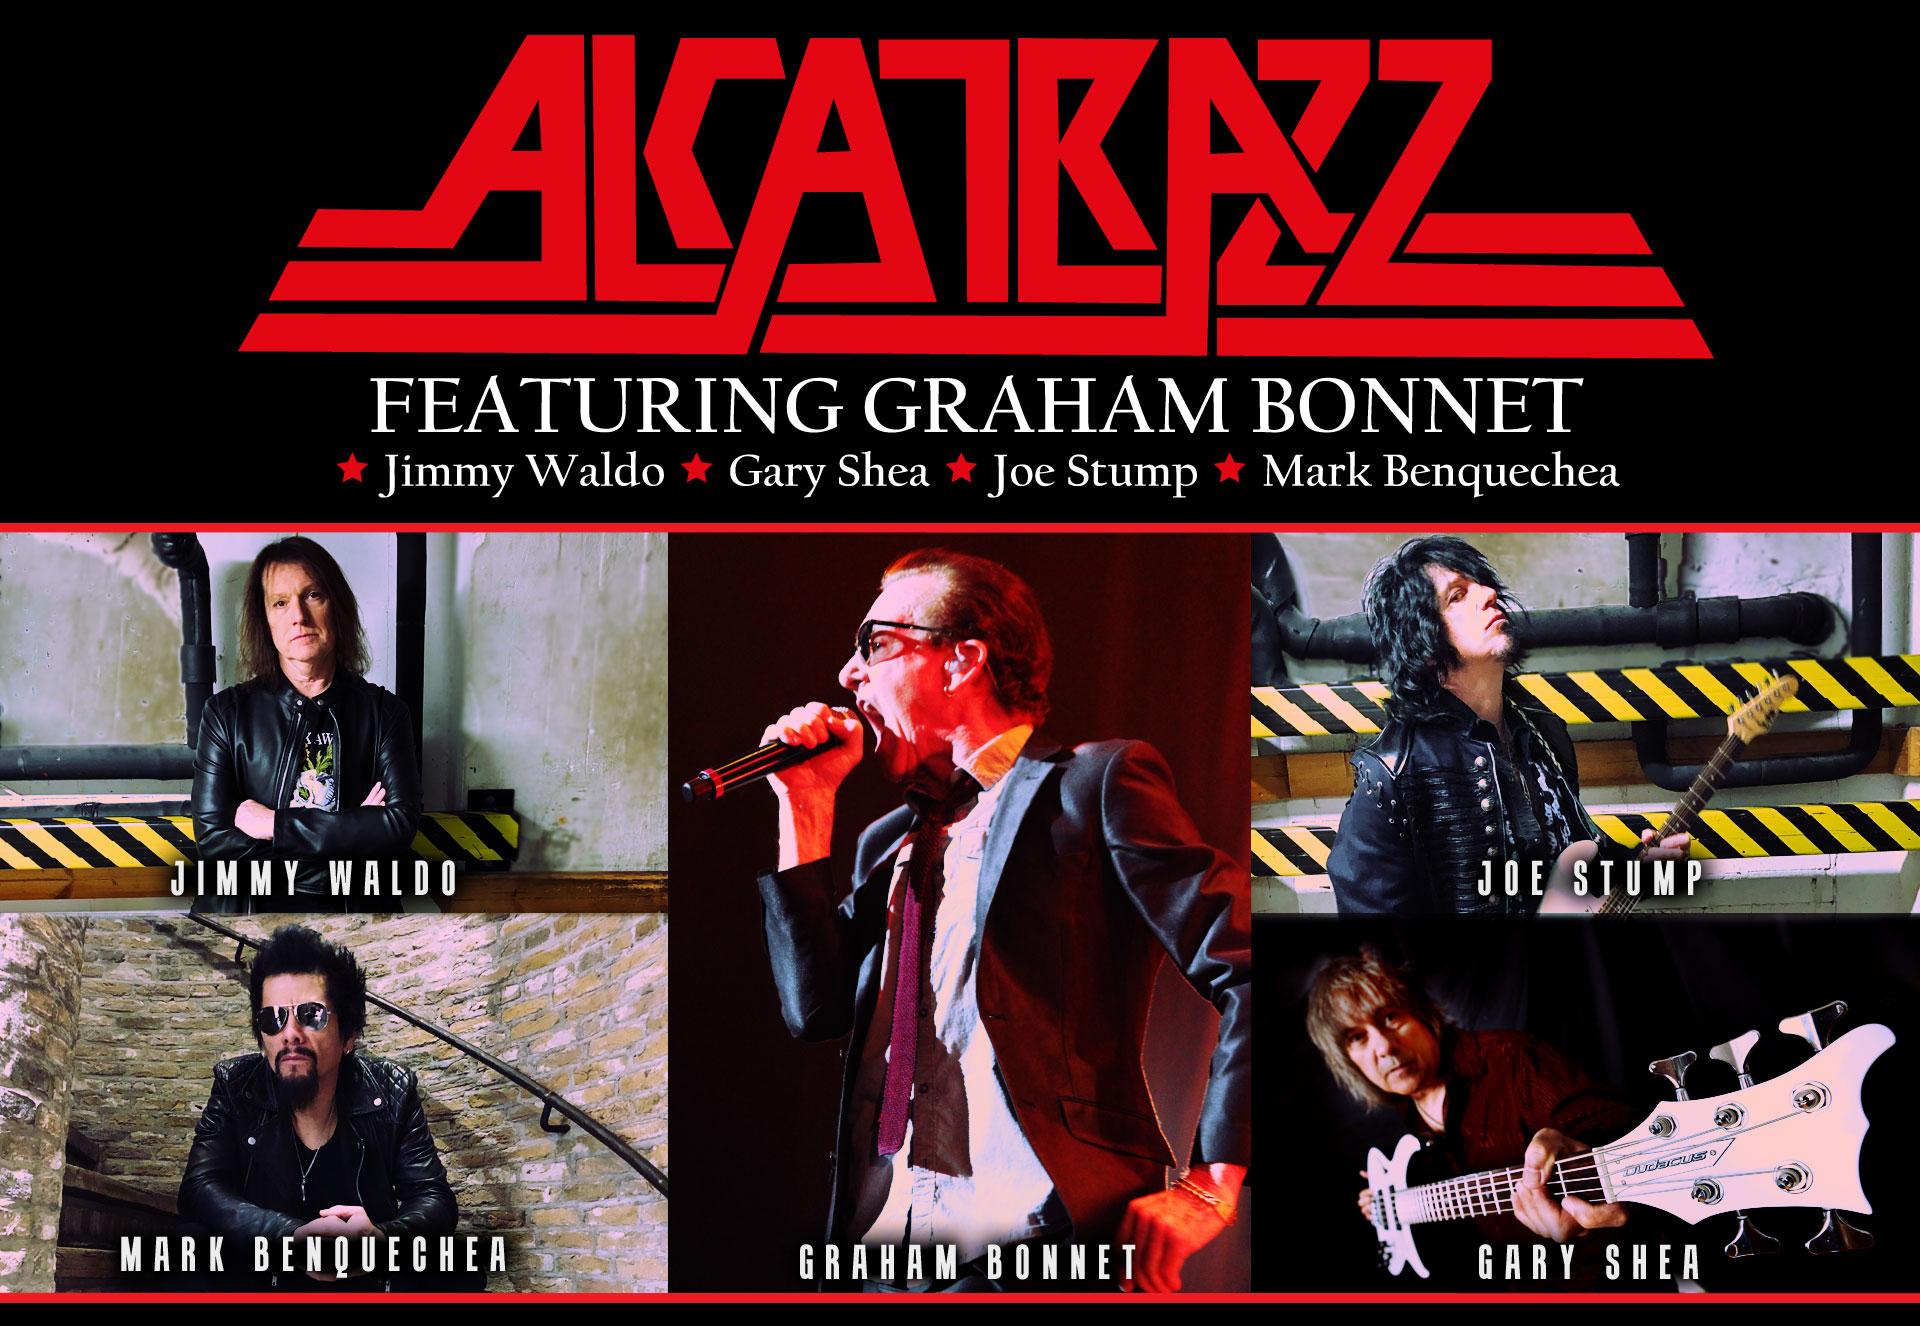 ALCATRAZZ – Zurück mit neuem Album nach 34 Jahren